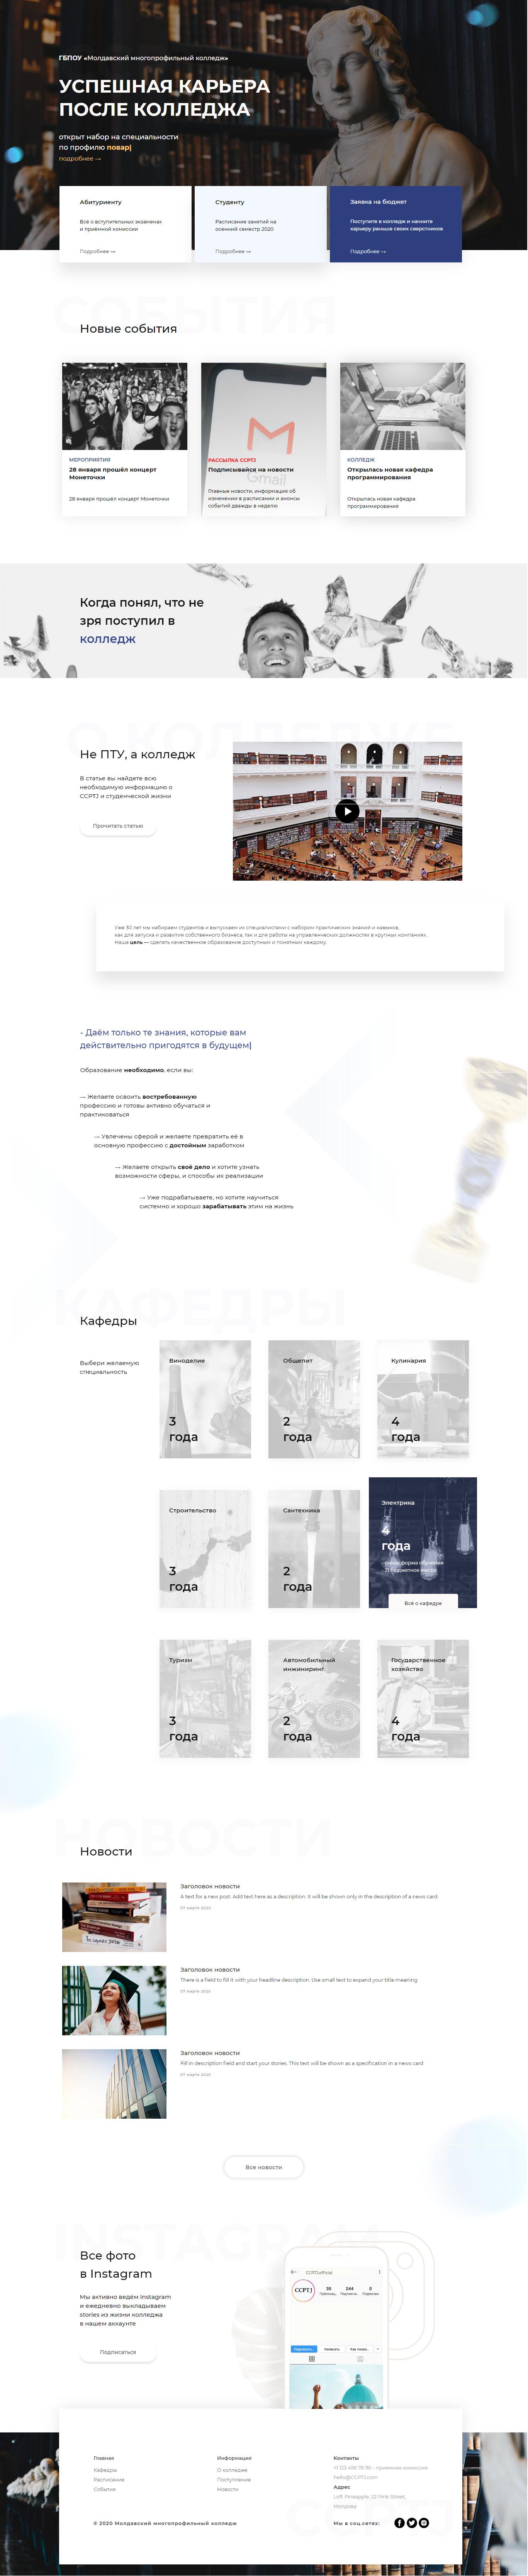 Разработка дизайна сайта колледжа фото f_5215e67d91902931.jpg